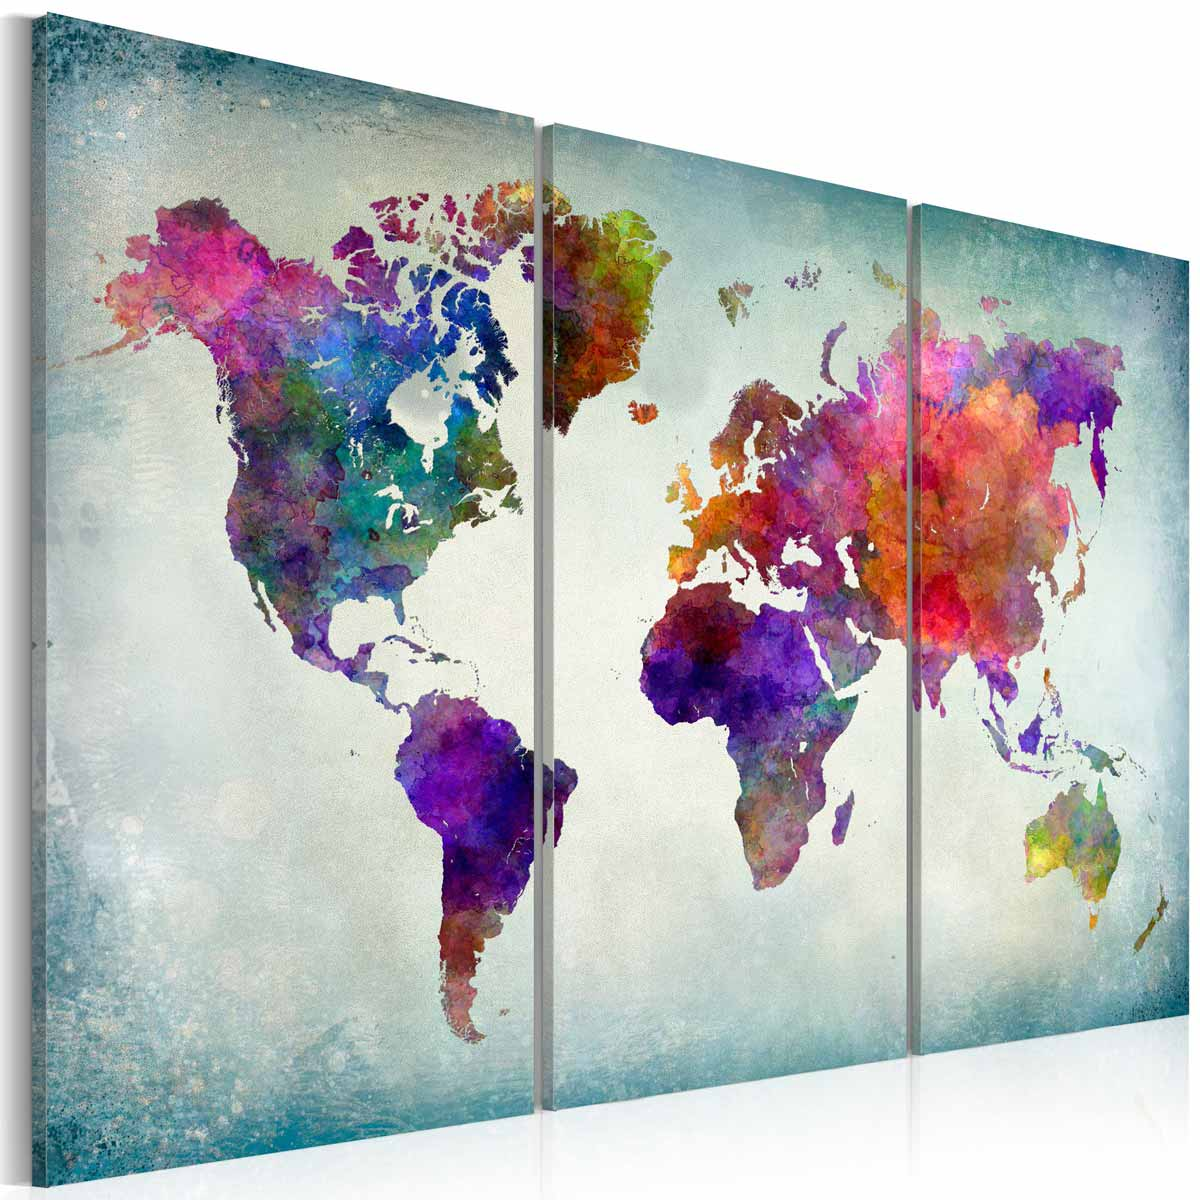 ARTGEIST Verdenskort i farver billede - multifarvet print, 3-delt - Flere størrelser 120x80